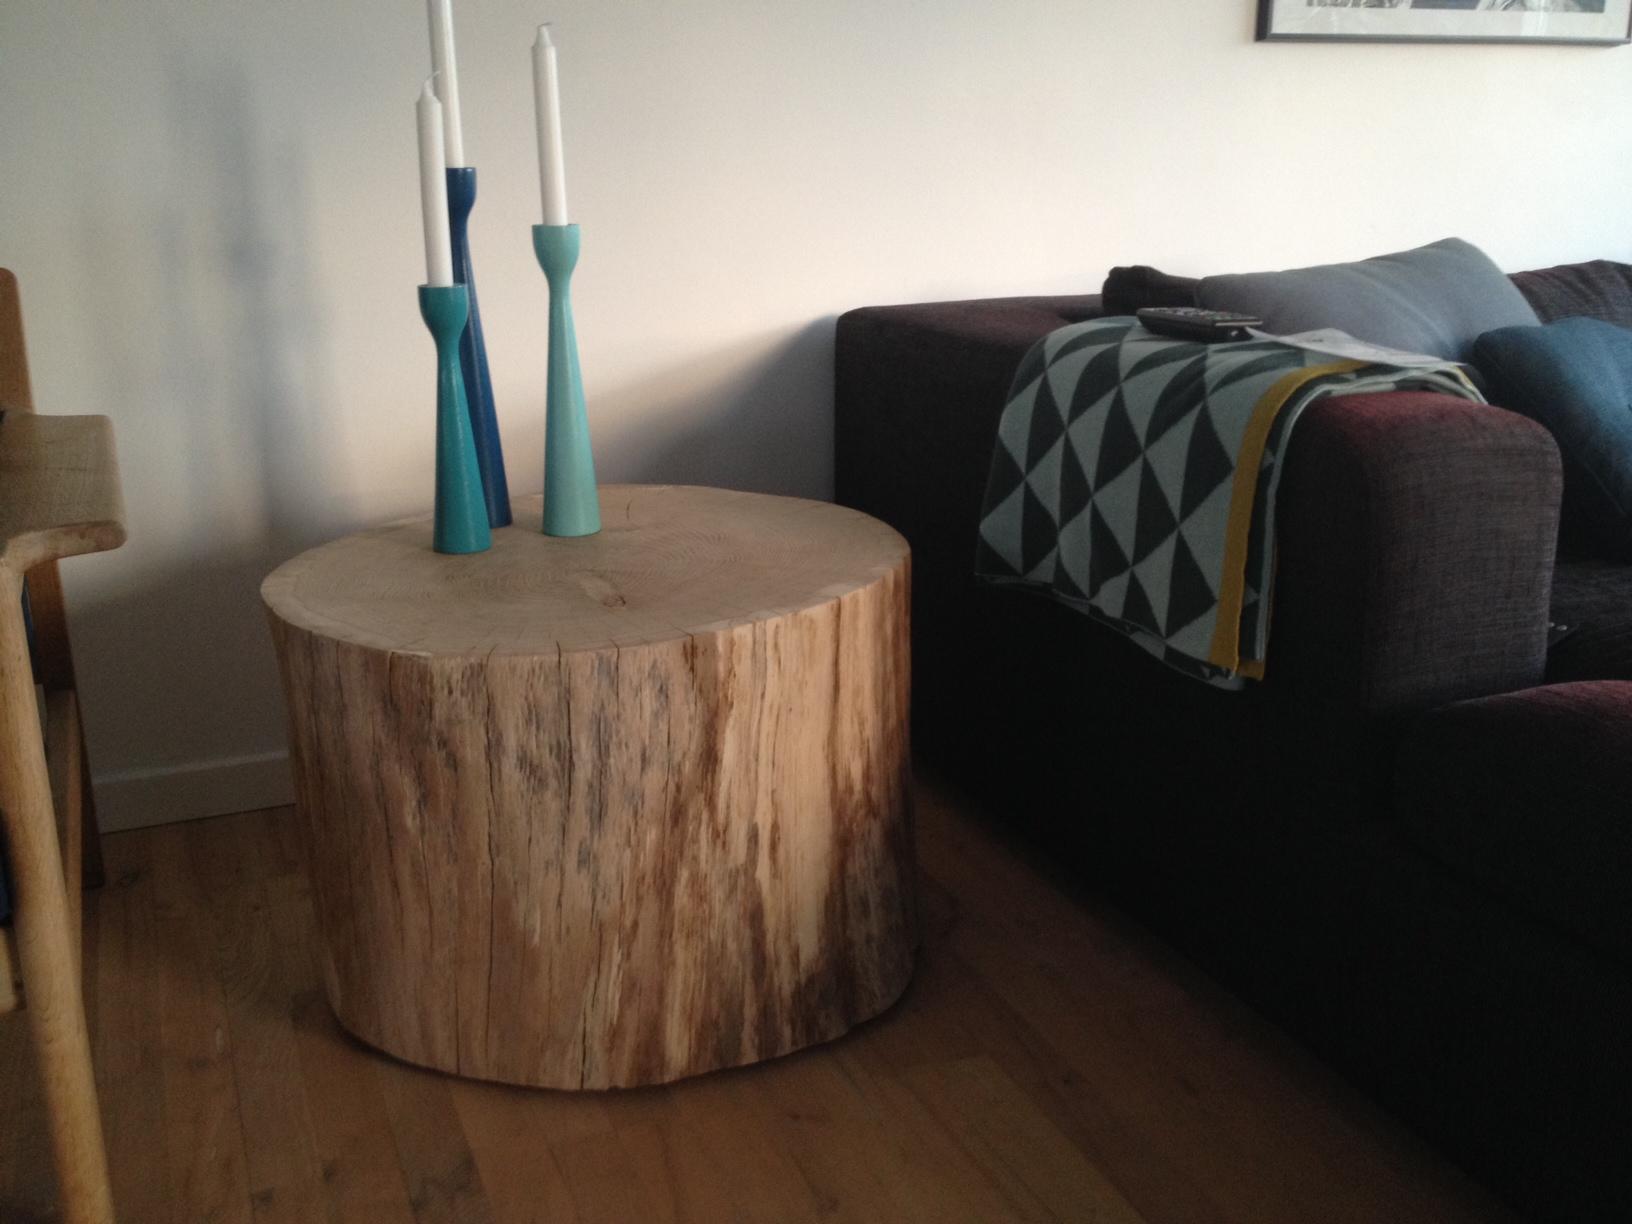 HVem kan lave unikke bord i bord - Amino.dk